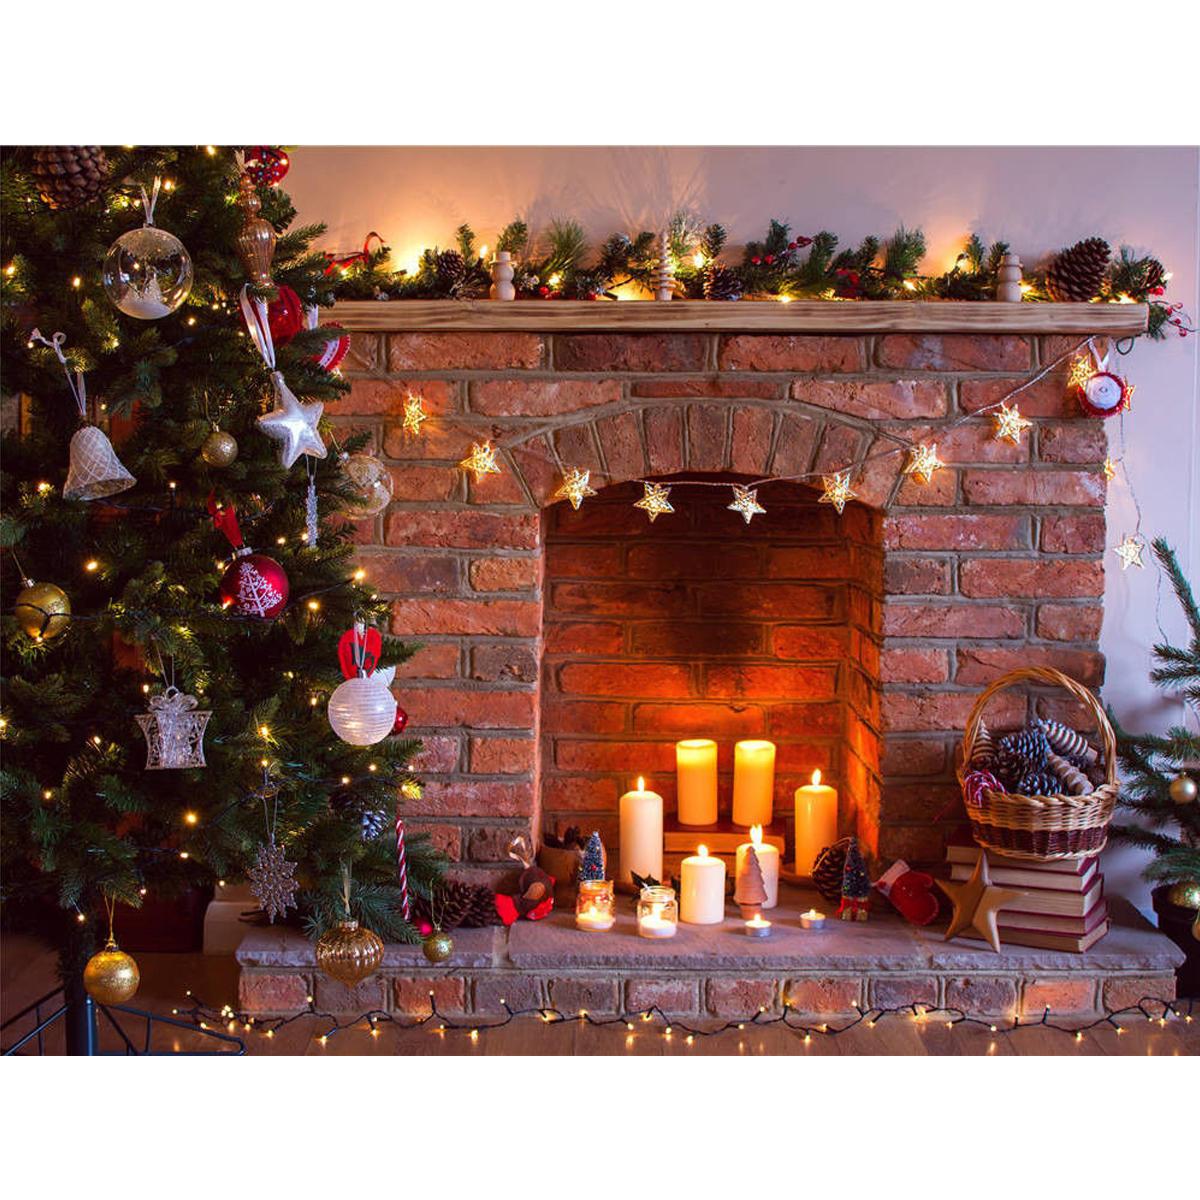 7x5ft vinyle rétro arbre de Noël cheminée photographie fond toile de fond accessoires